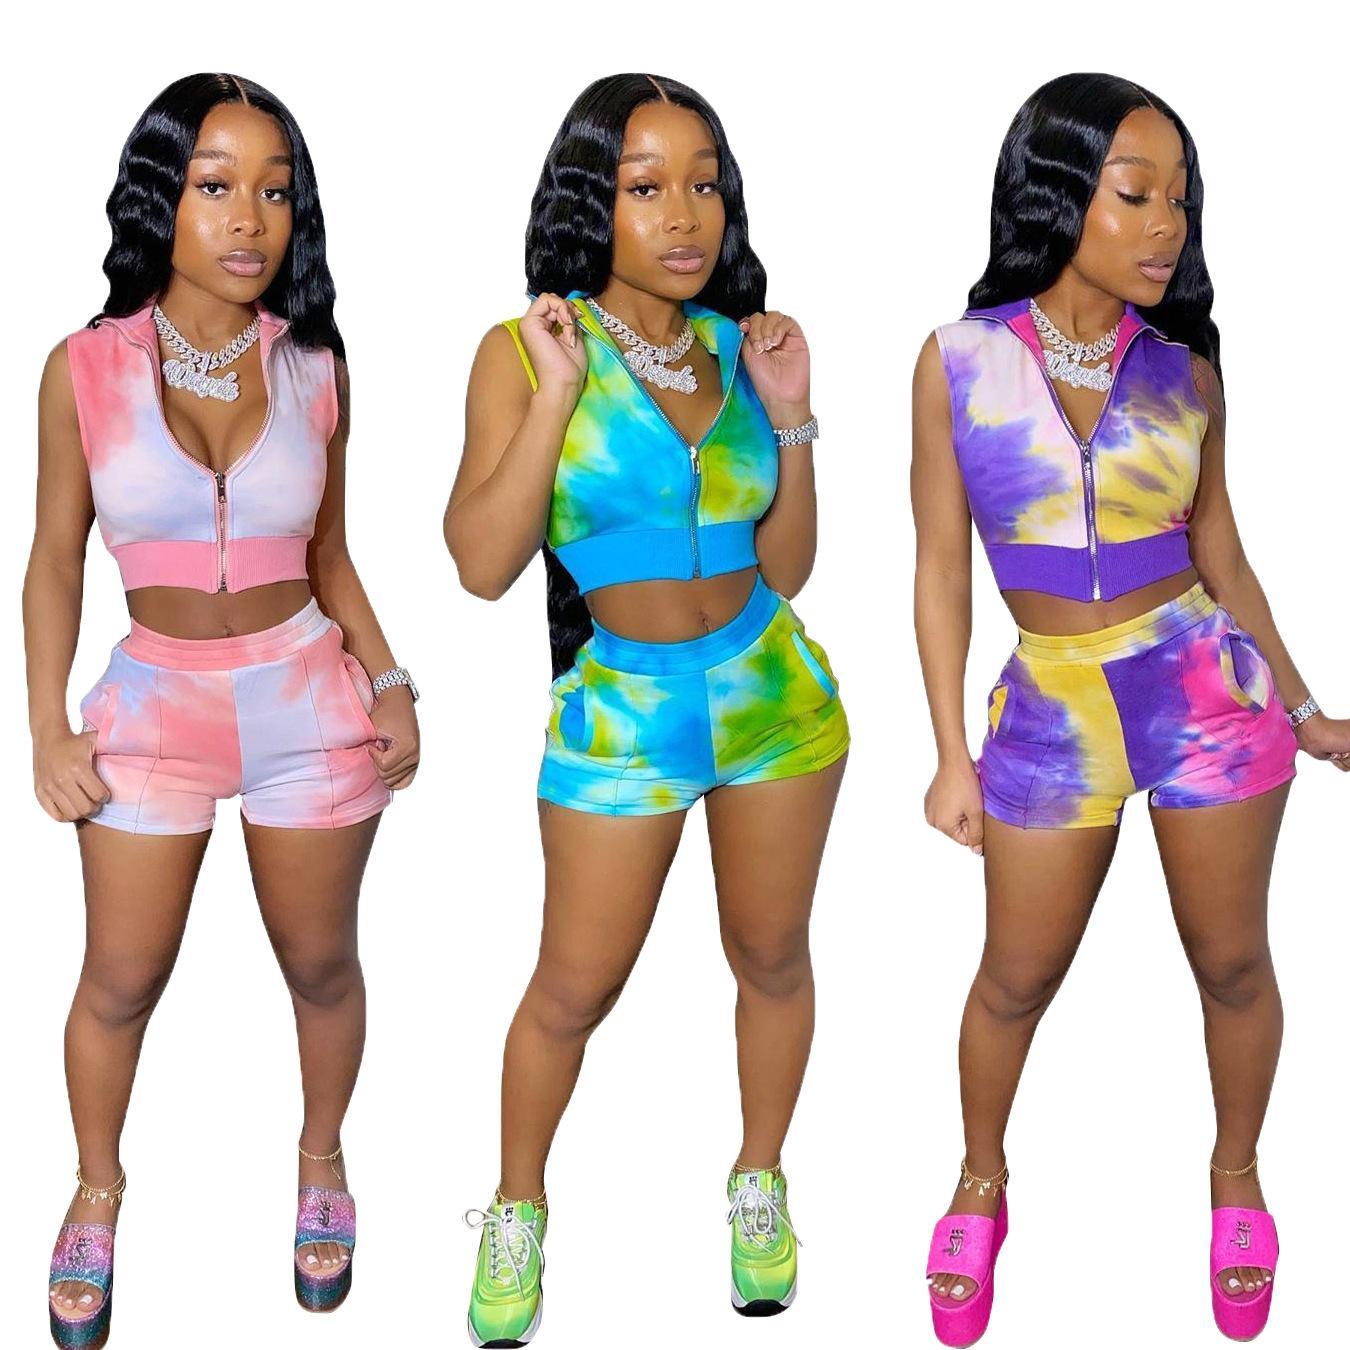 Diseñador de las mujeres 2 pieza corta de verano ropa de los sistemas tie-dye informal DHL de chándal manga corta camiseta atractiva pantalones cortos de deporte